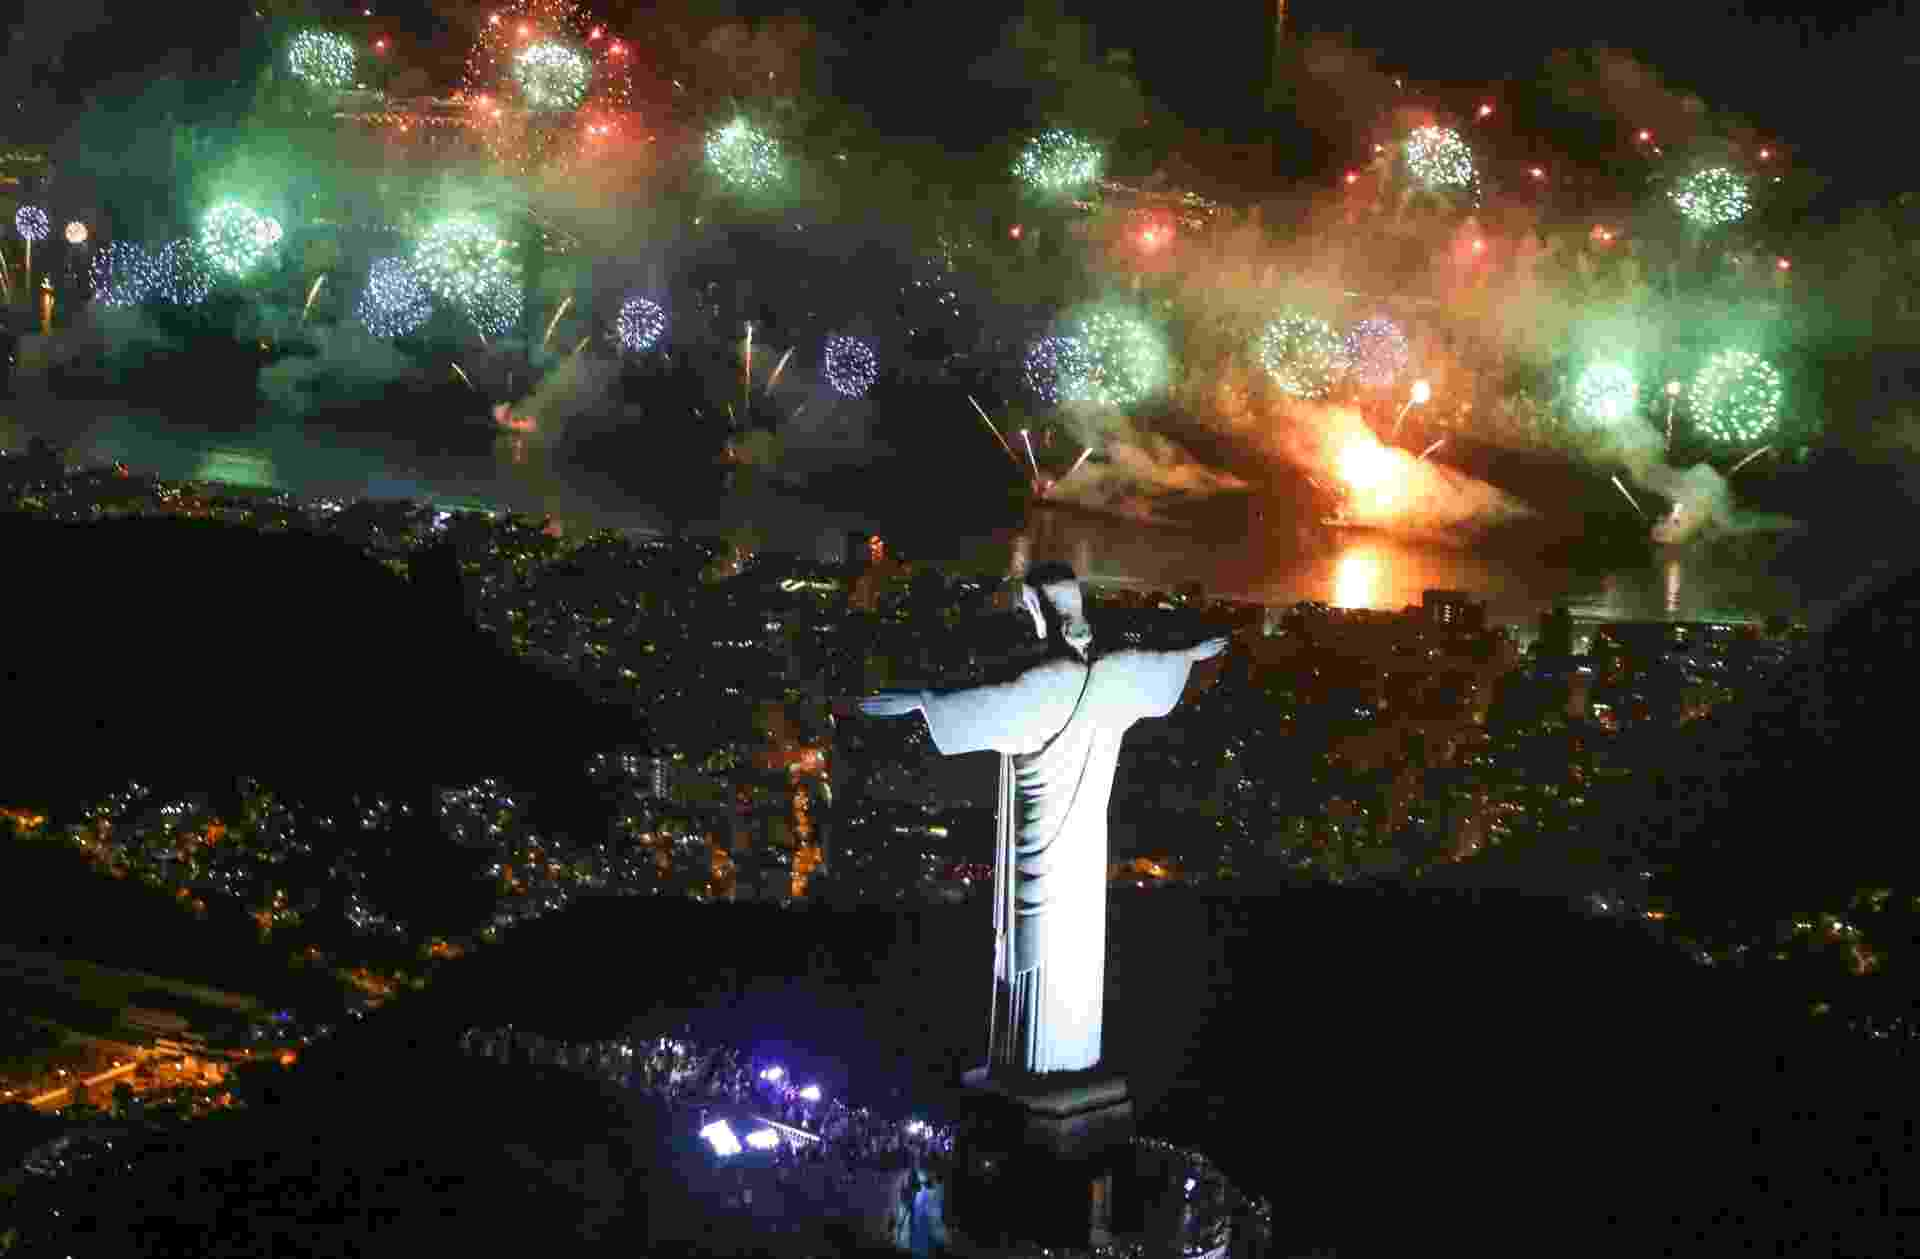 Um público recorde lotou a orla de Copacabana: 2,4 milhões de pessoas, segundo a Riotur. A multidão assistiu a 17 minutos de queima de fogos. Na capital fluminense, 90% dos hotéis ficaram ocupados - Fernando Maia/Riotur